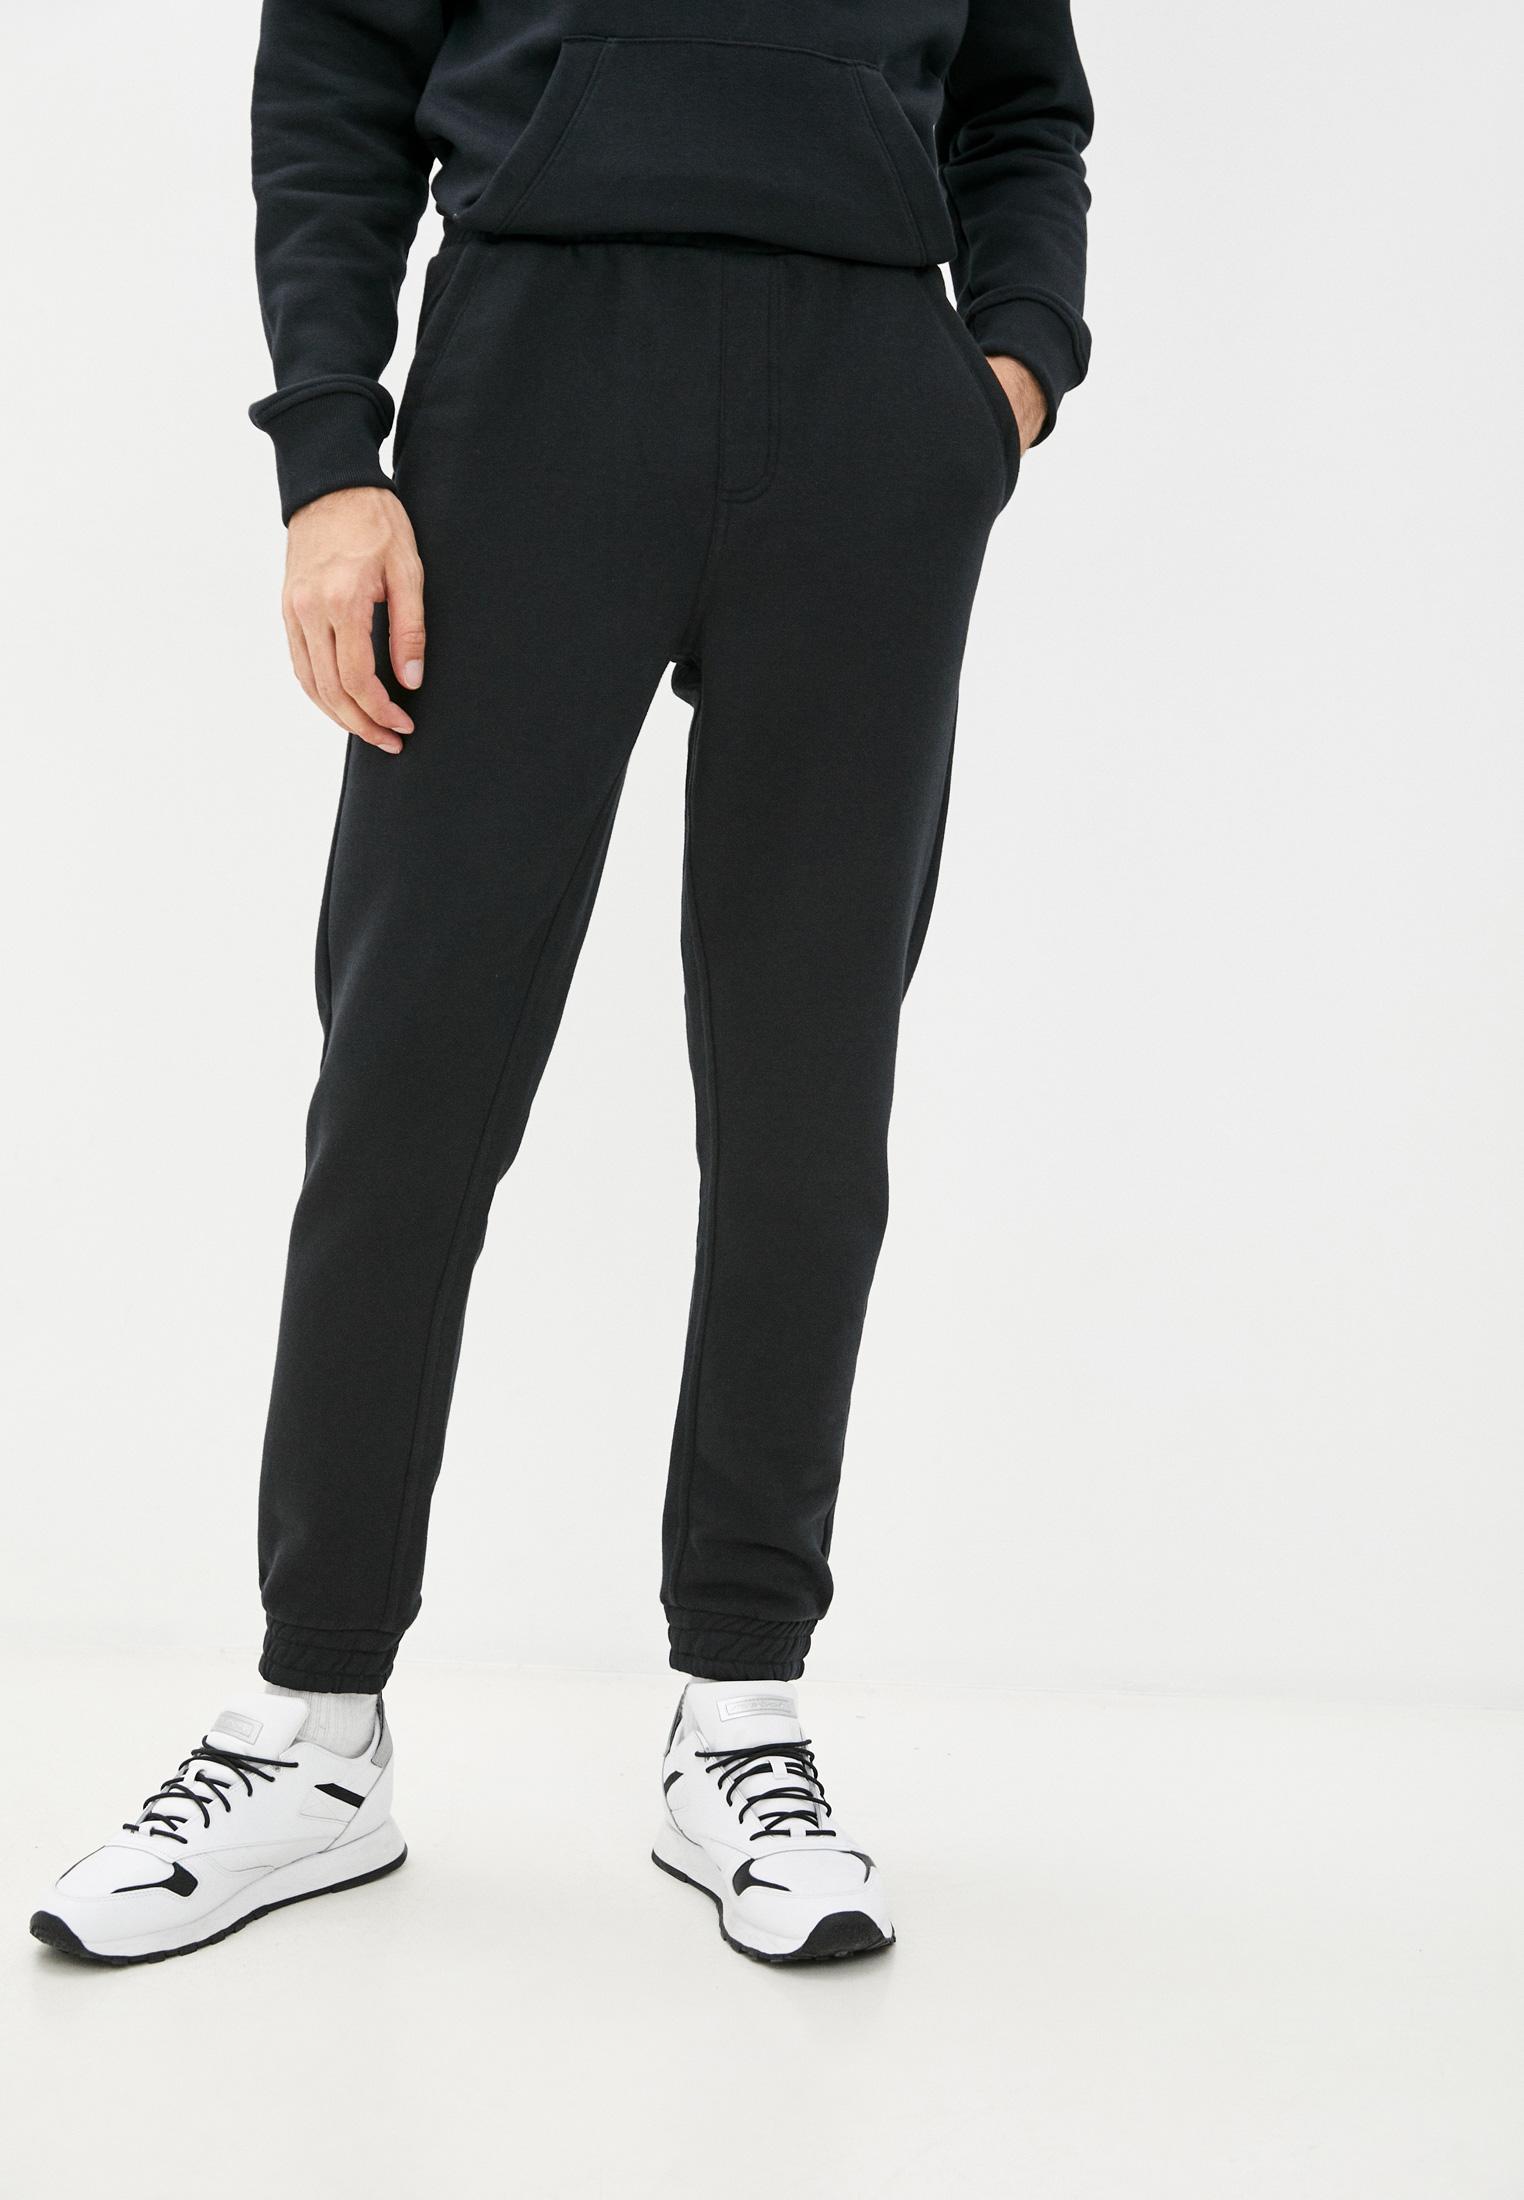 Мужские спортивные брюки Blend (Бленд) Брюки спортивные Blend